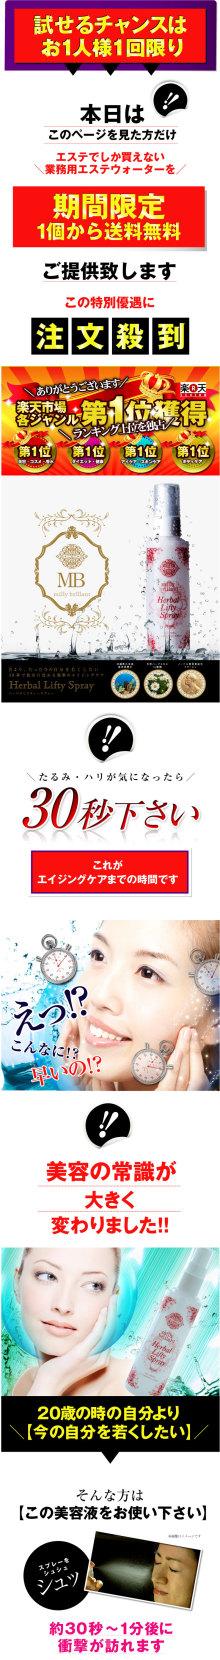 ◆美容家女社長・佐々木瑞穂☆『ファンデいらずの赤ちゃん素肌になる』自由が丘フェイシャルエステオーナーブログ